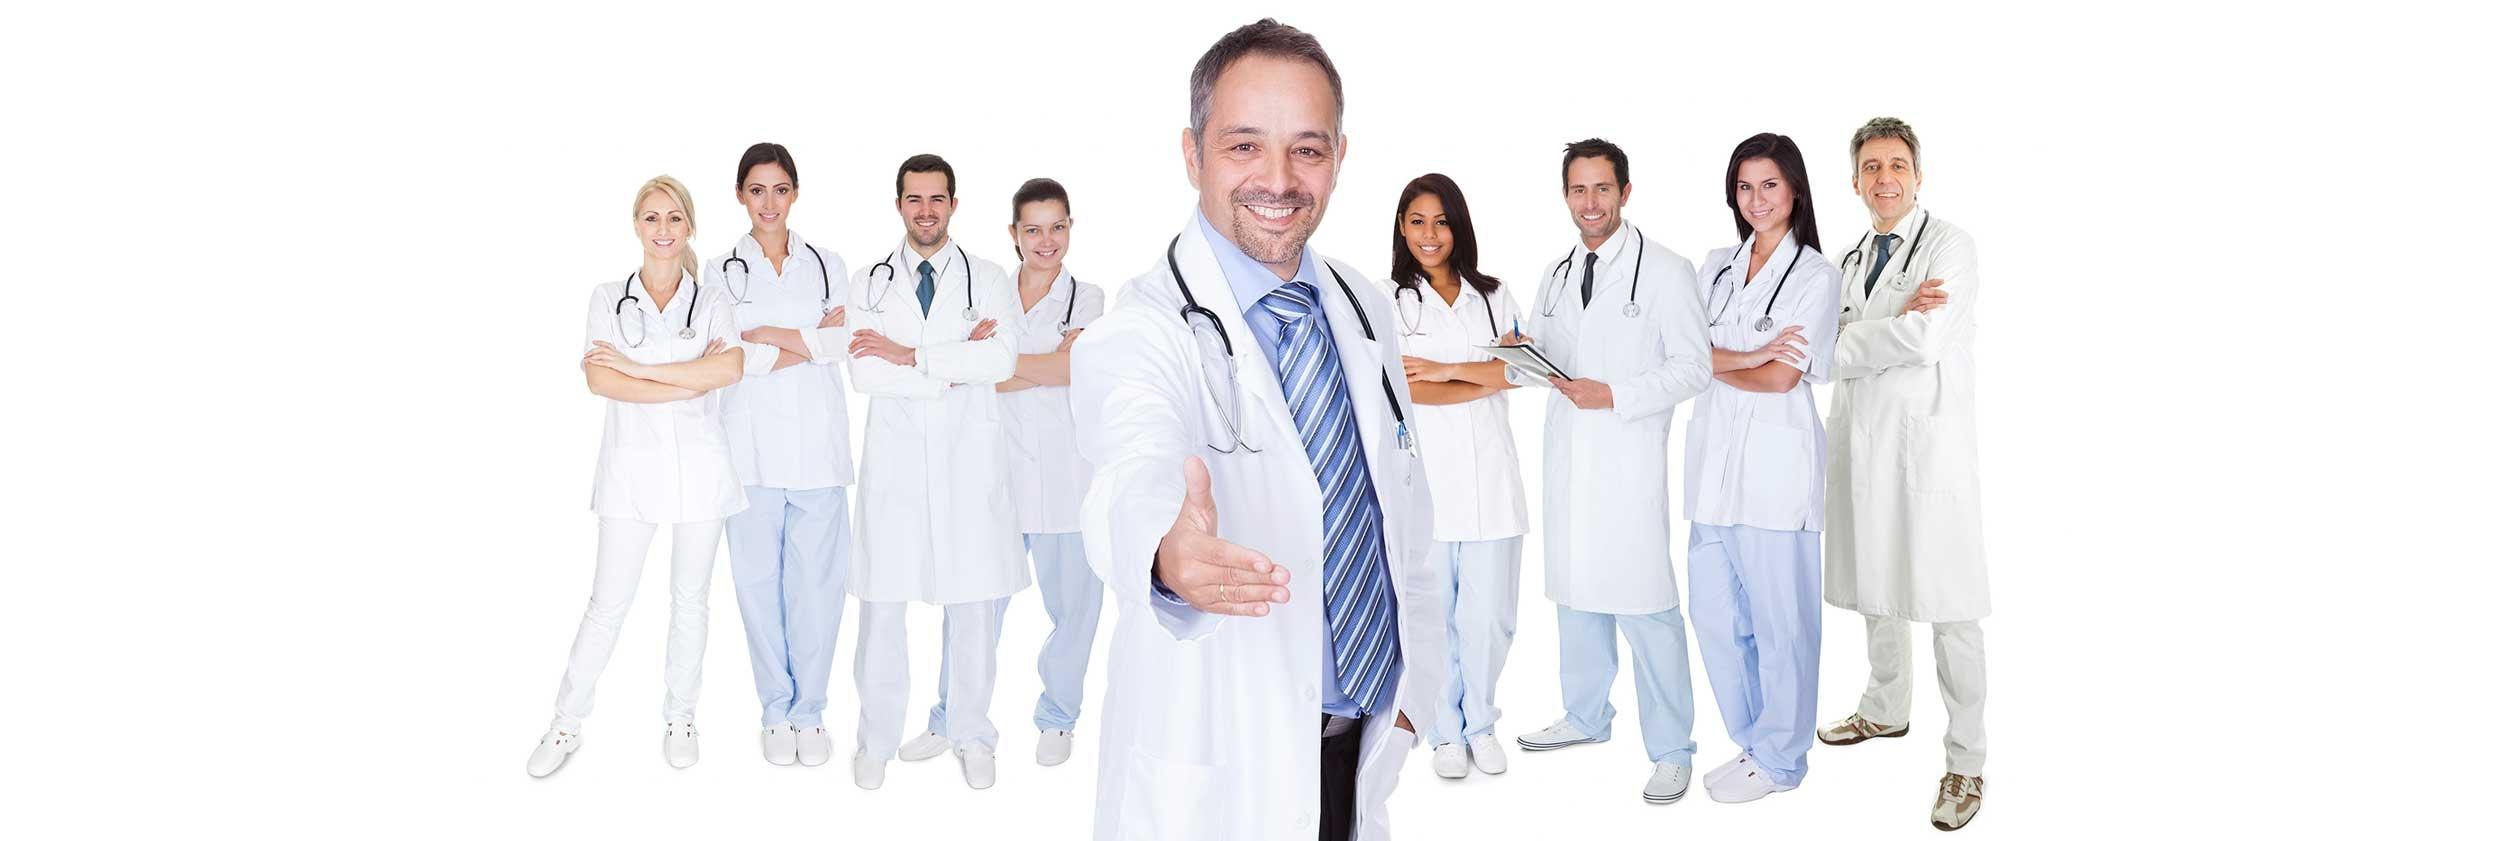 Clínica Hospital Dublan S.A. de C.V. - atención médica